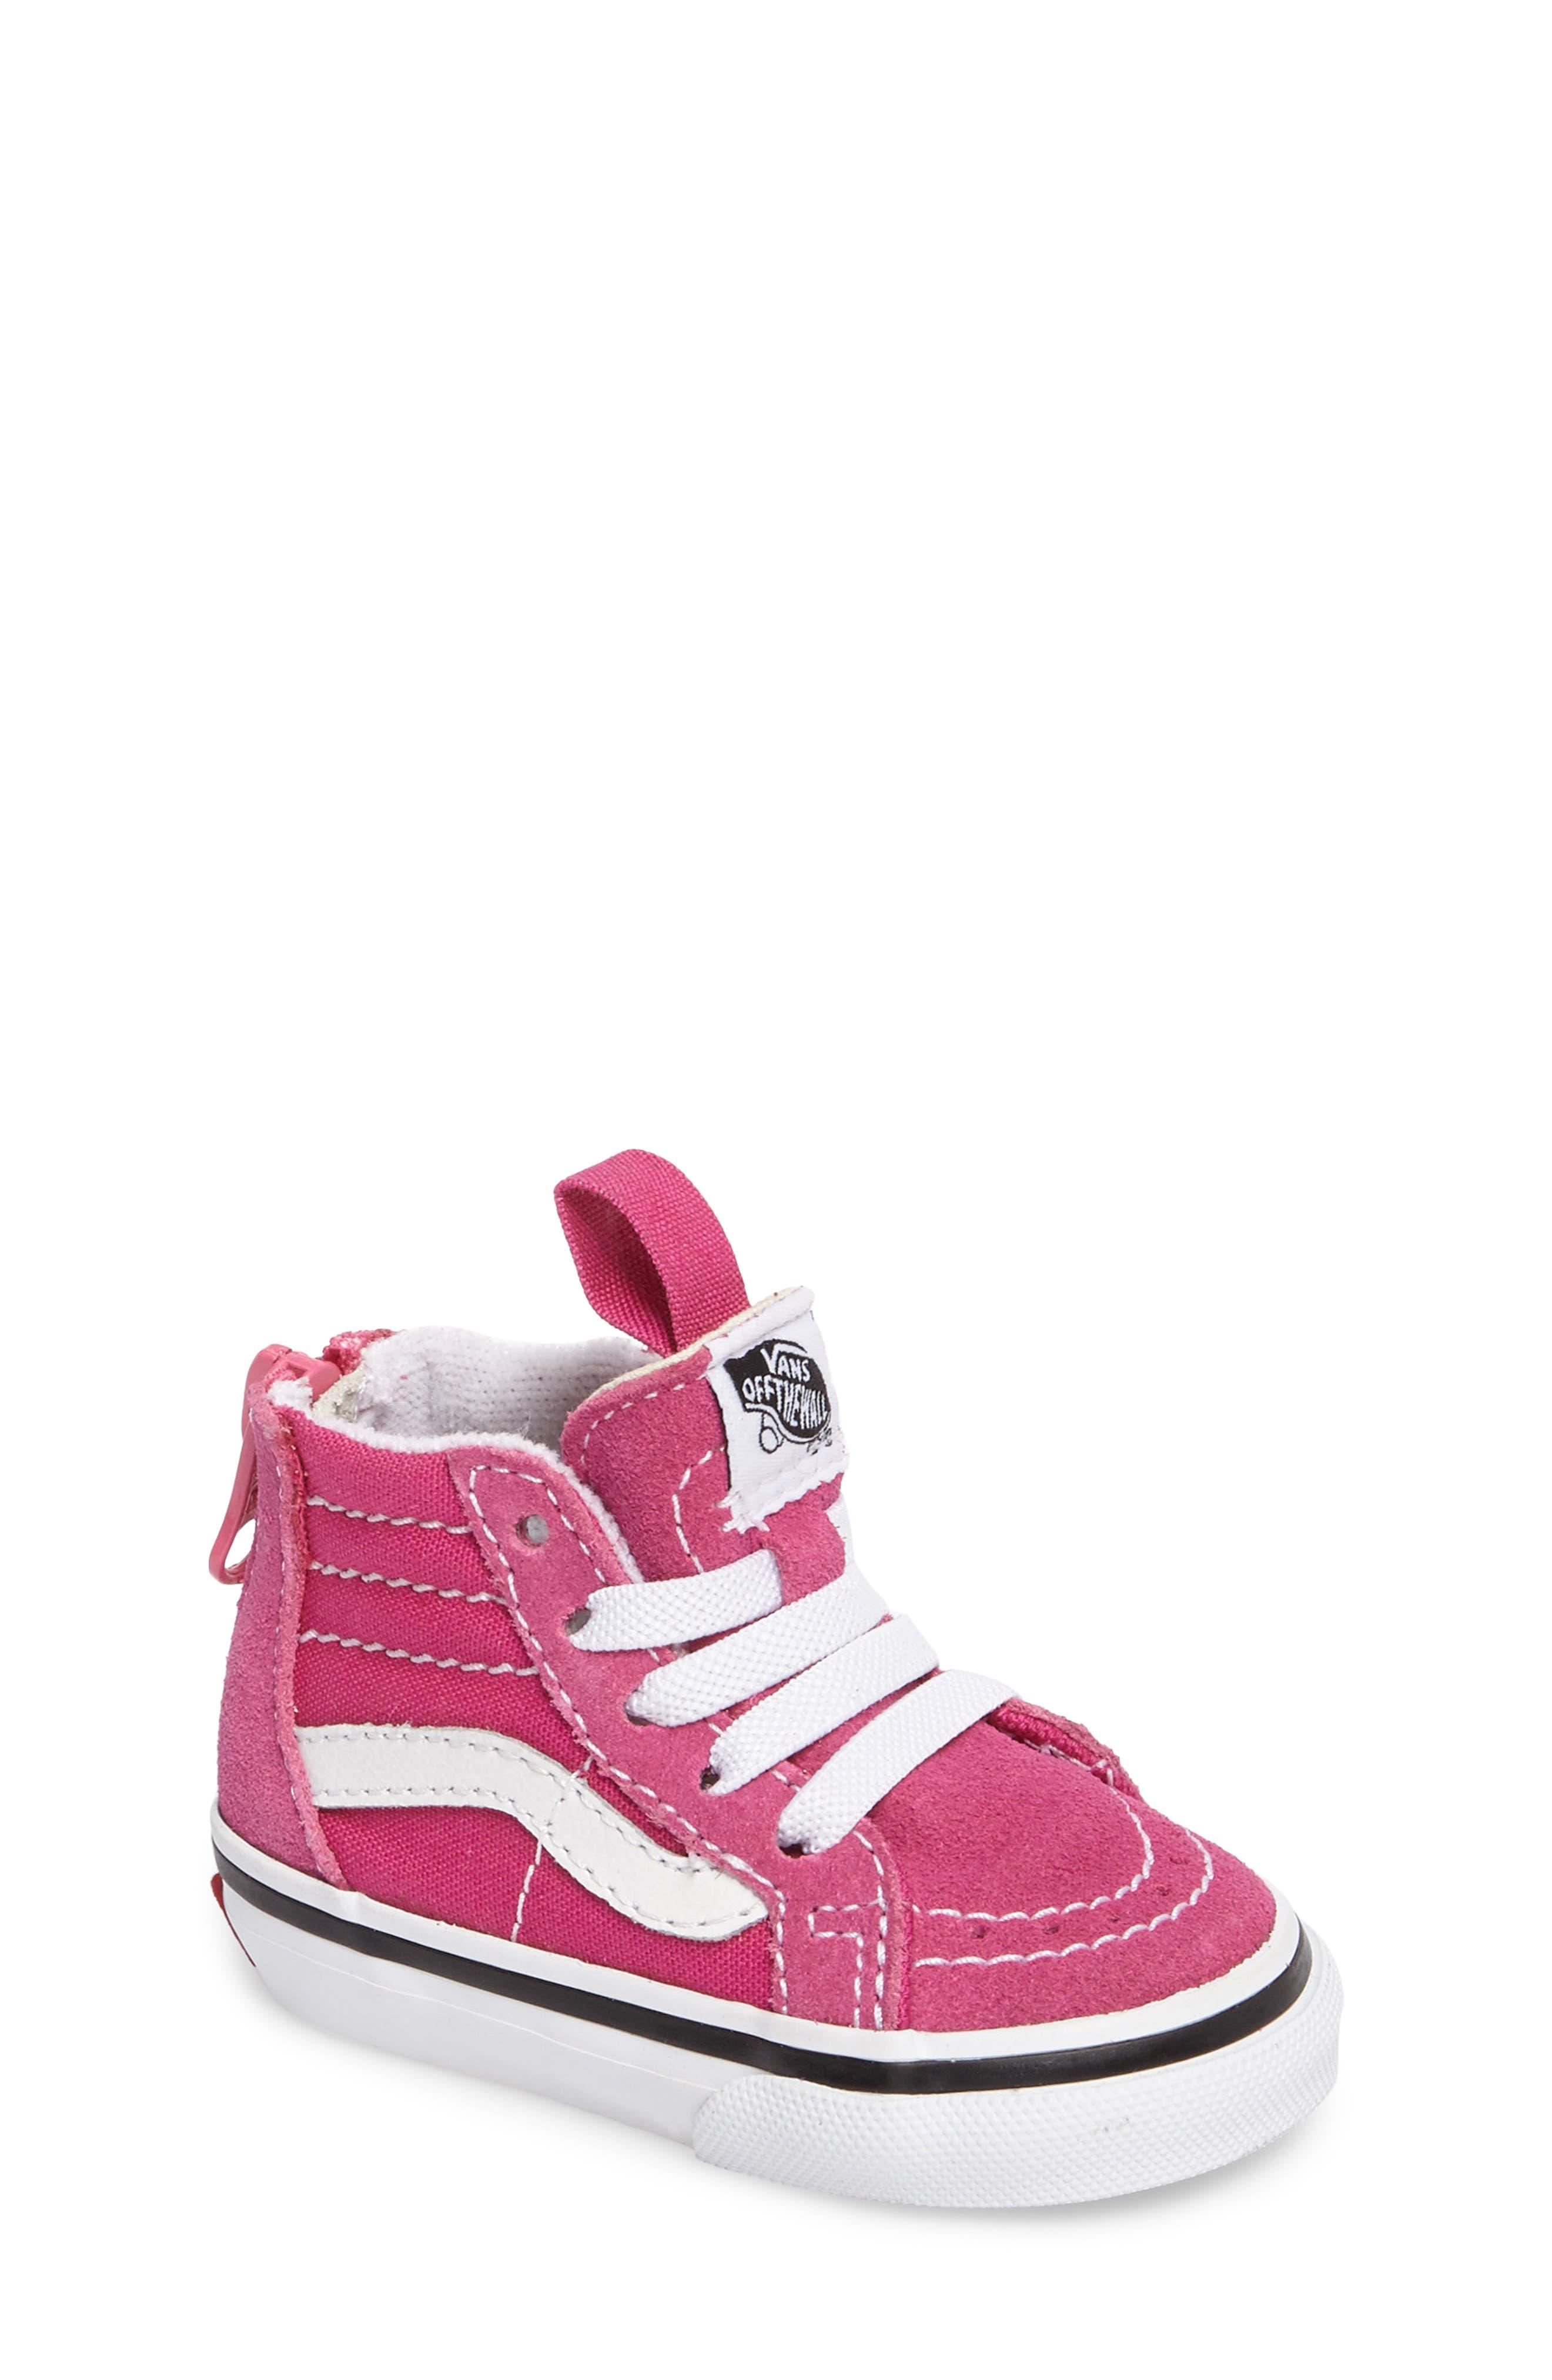 infant girl vans shoes